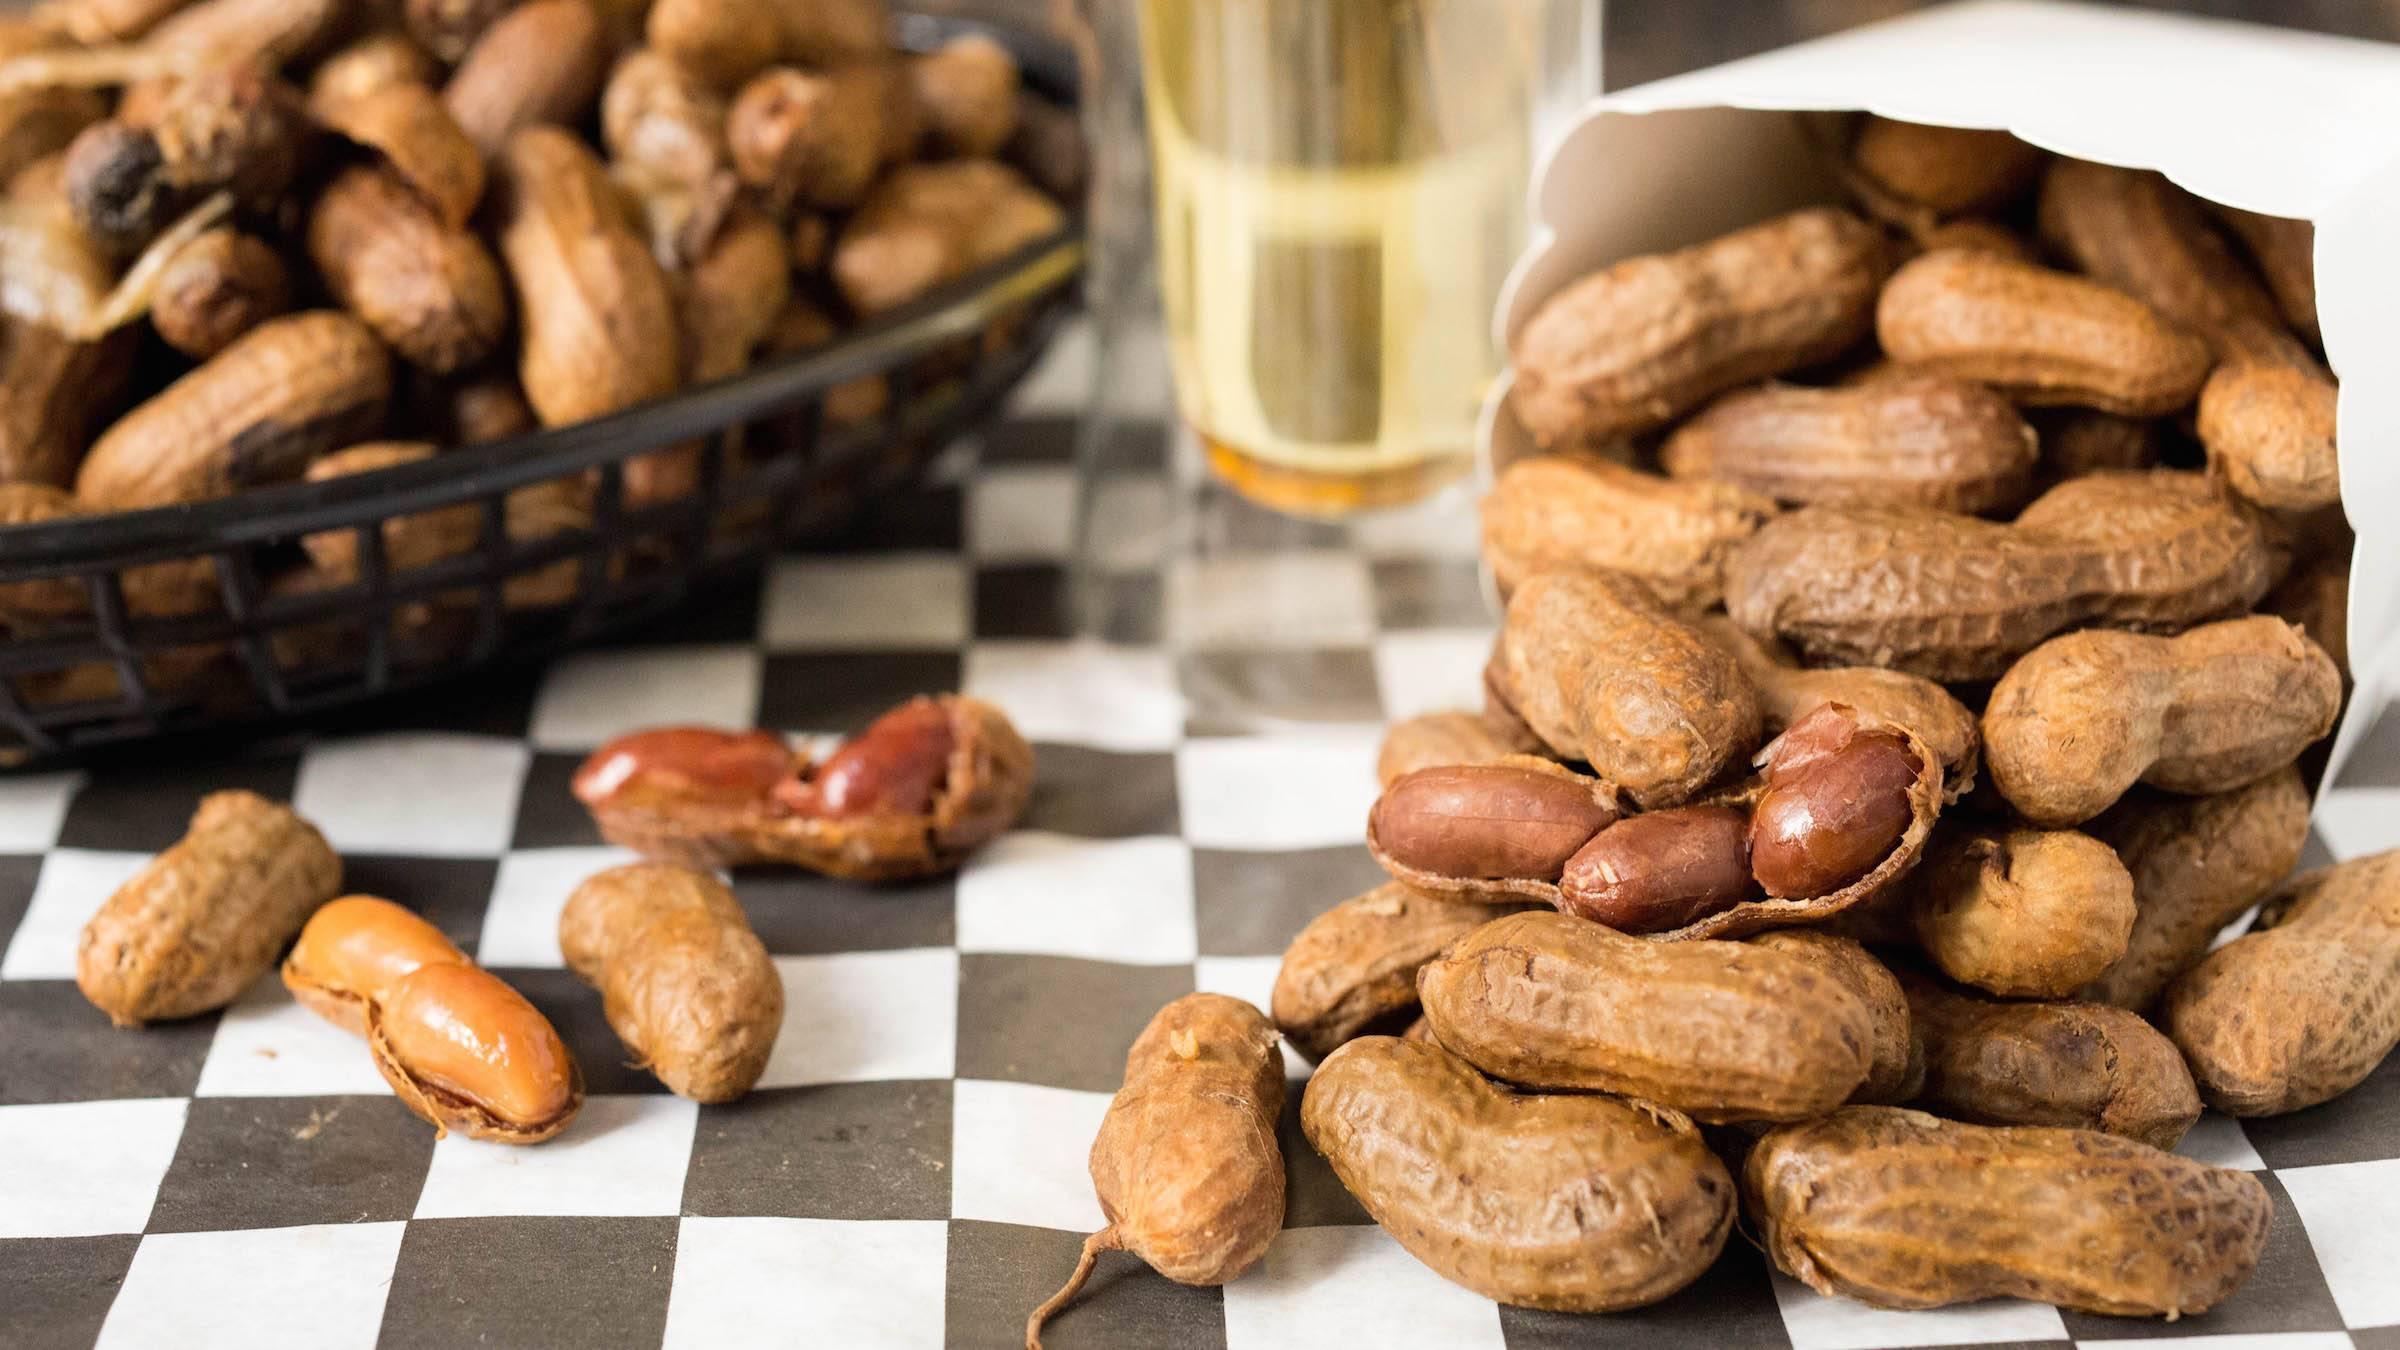 Кешью для мужчин: польза, свойства для потенции, противопоказания, рецепты, и в чем вред для организма, сколько полезных орехов можно есть в день?